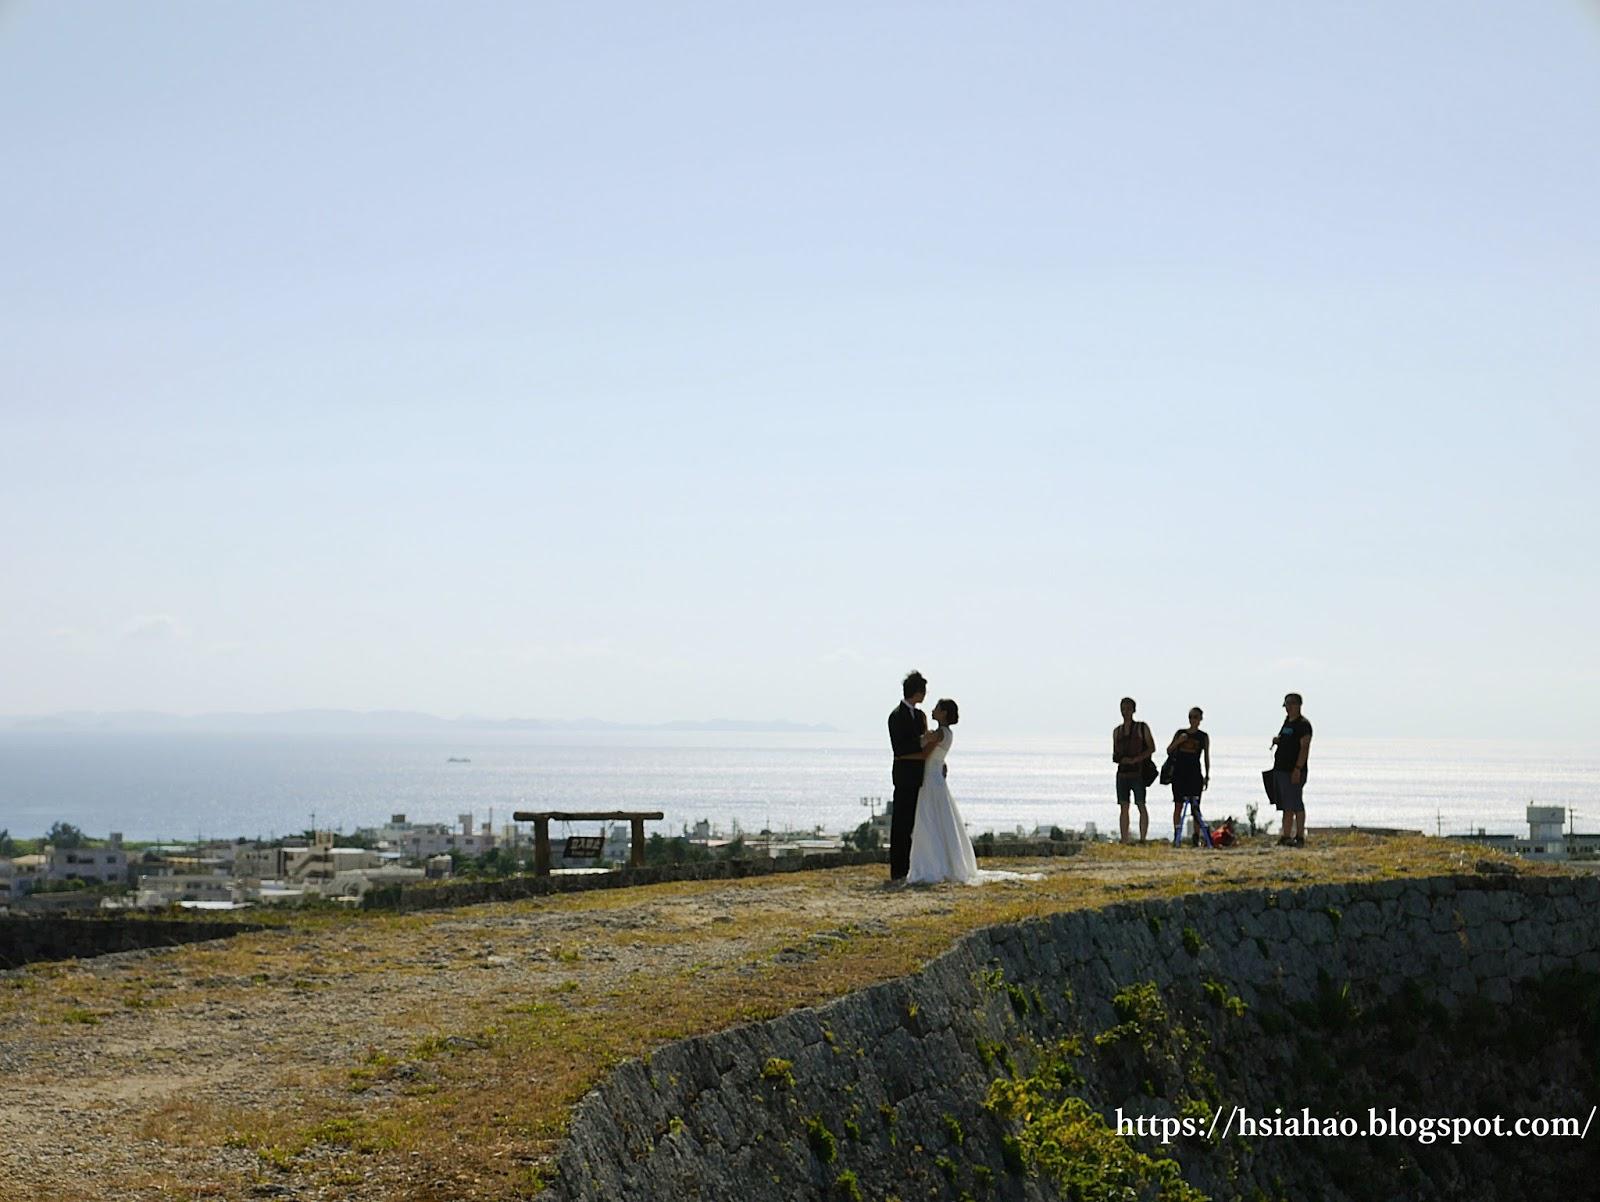 沖繩-推薦-景點-座喜味城跡-結婚-婚禮-自由行-旅遊-Okinawa-Yomitan-Zakimi-Castle-Ruins